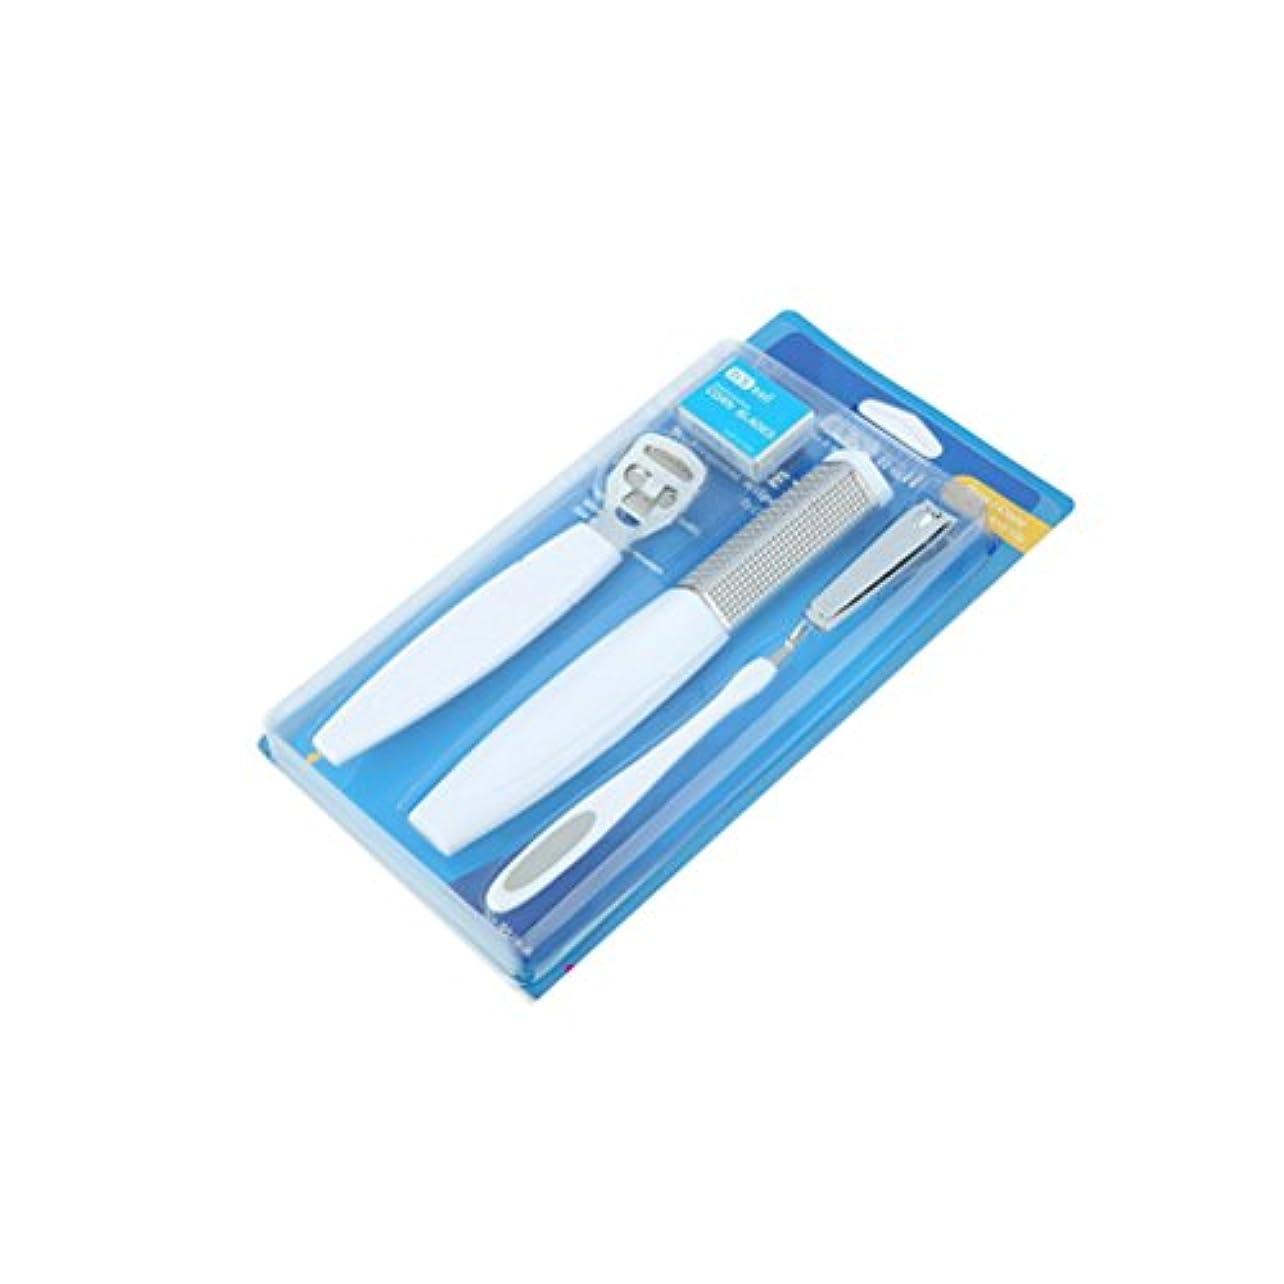 シンポジウム製造厳ペディキュア 5点セット 爪きりセット 爪切り 足 フットケア用品 かかと 角質取り 専用やすり [並行輸入品]